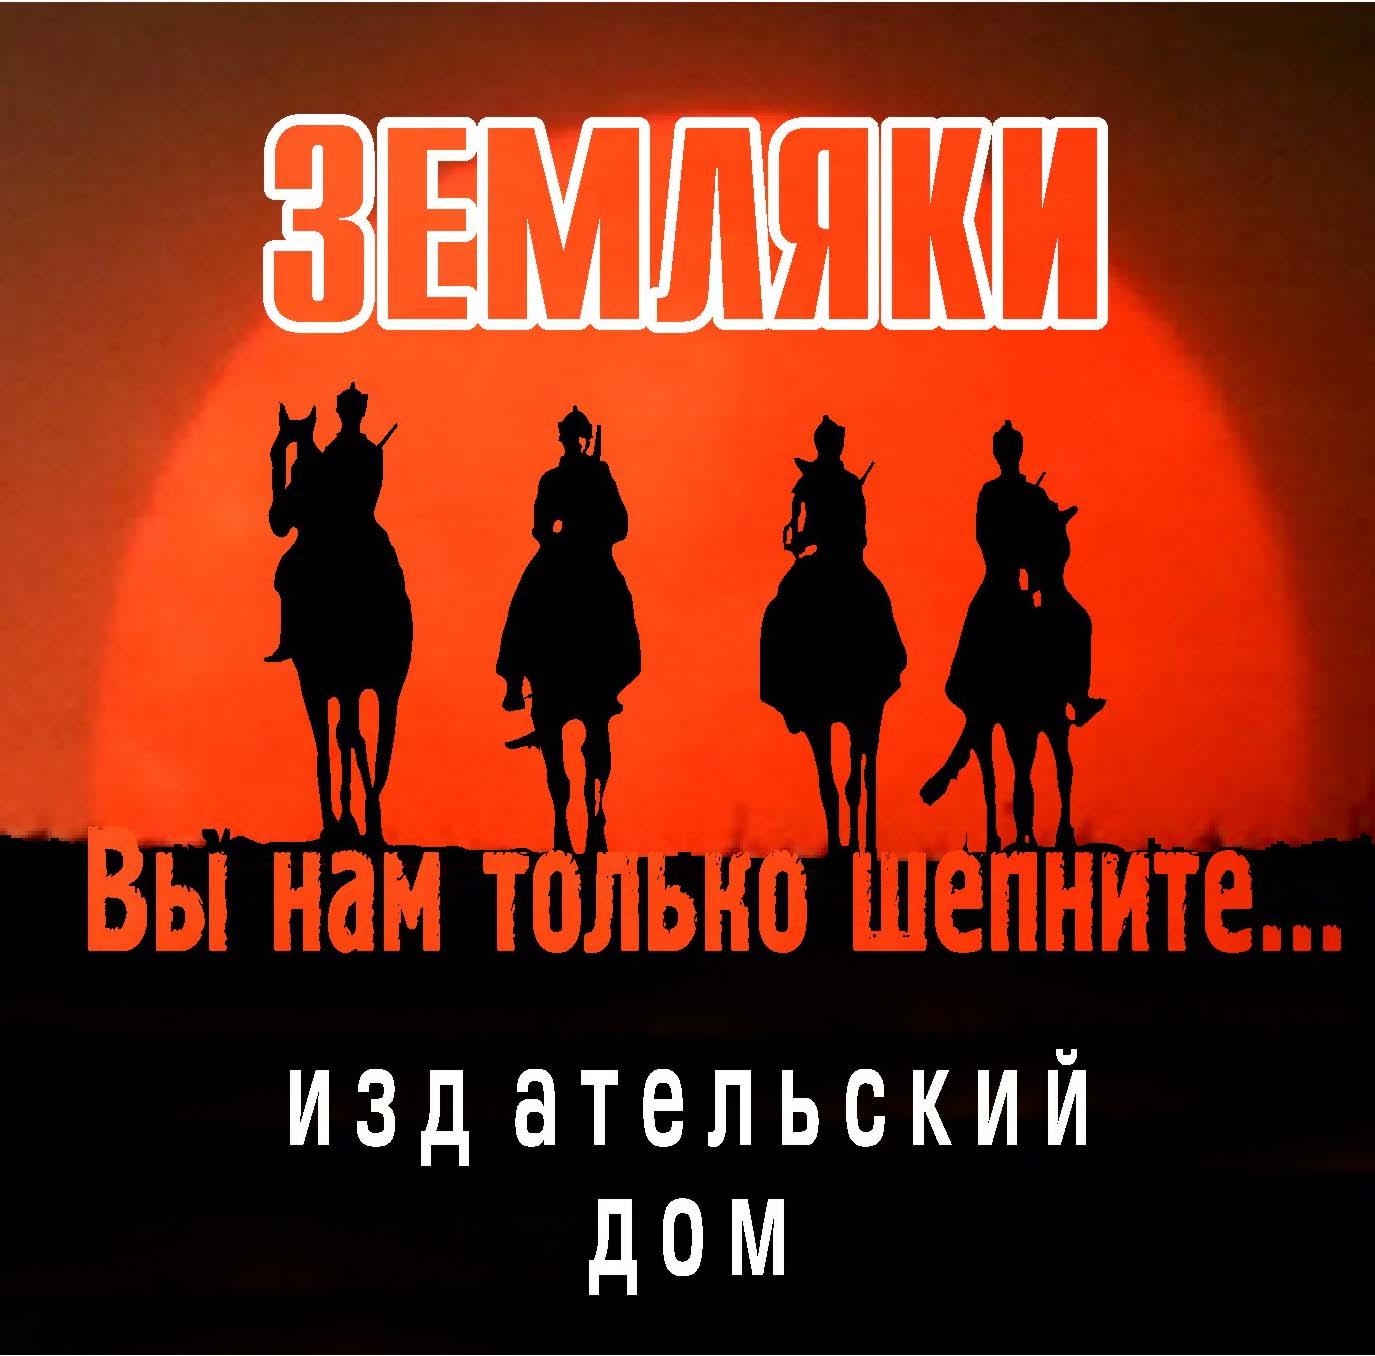 Лого Земляки